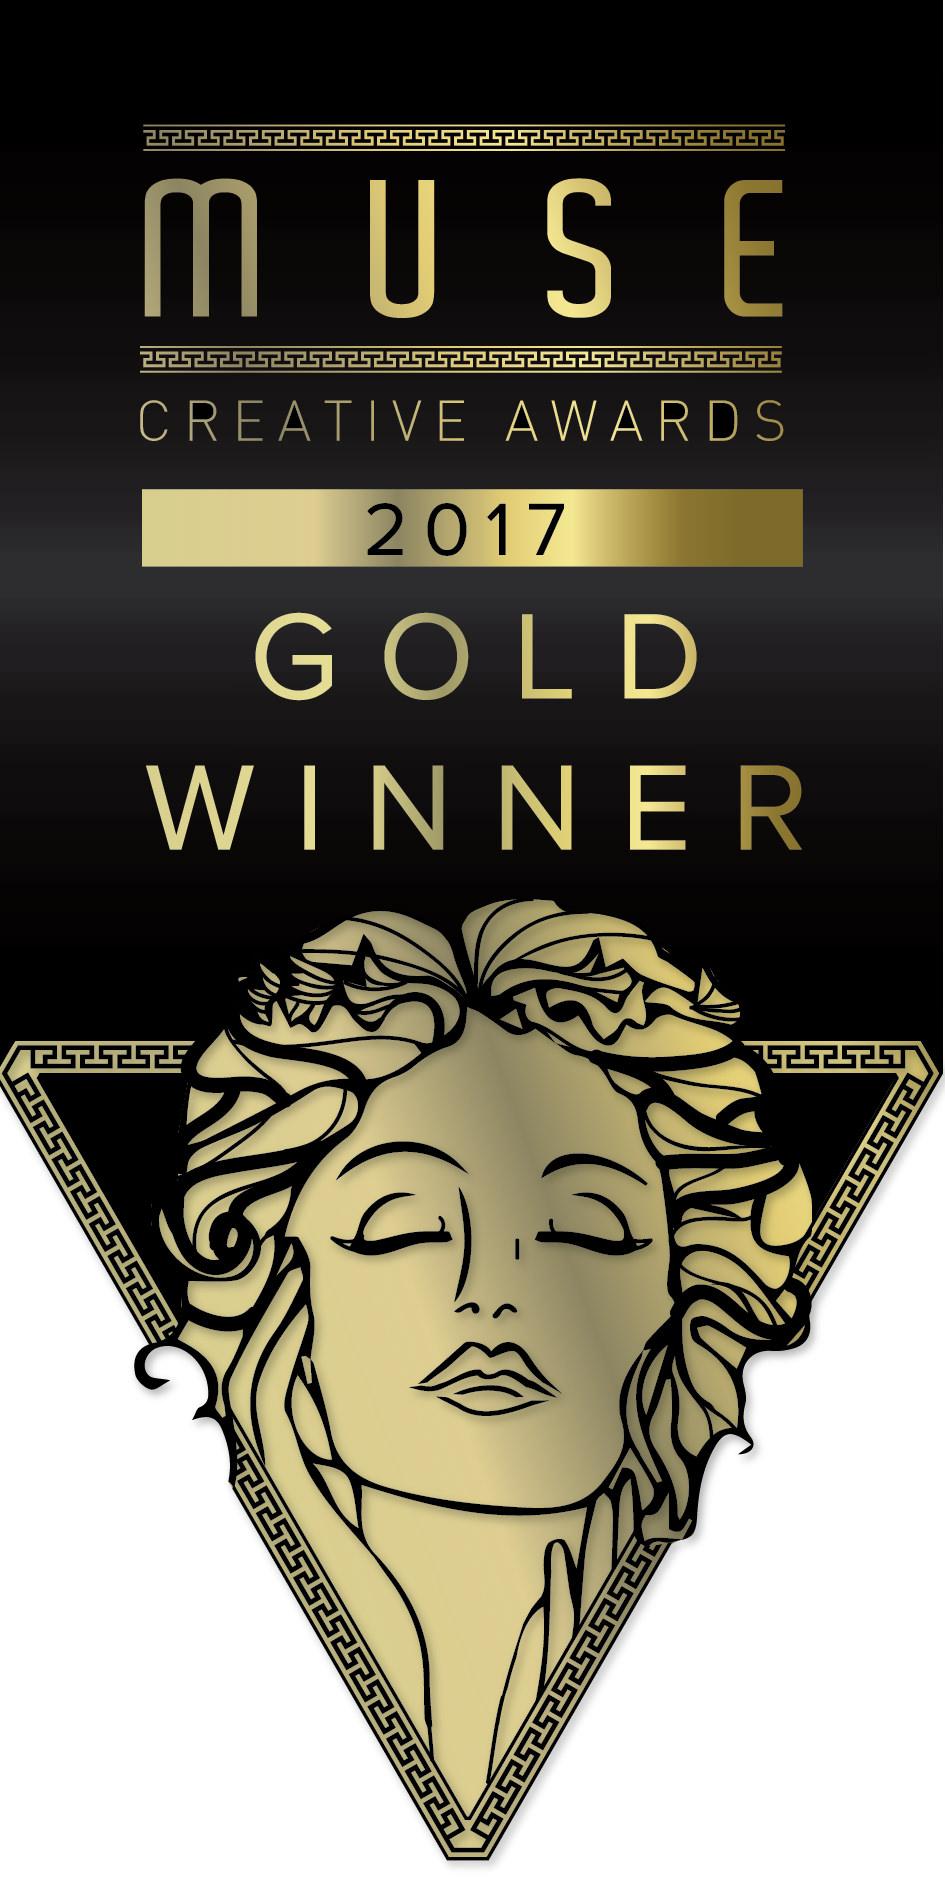 MUSE Creative Award 2017